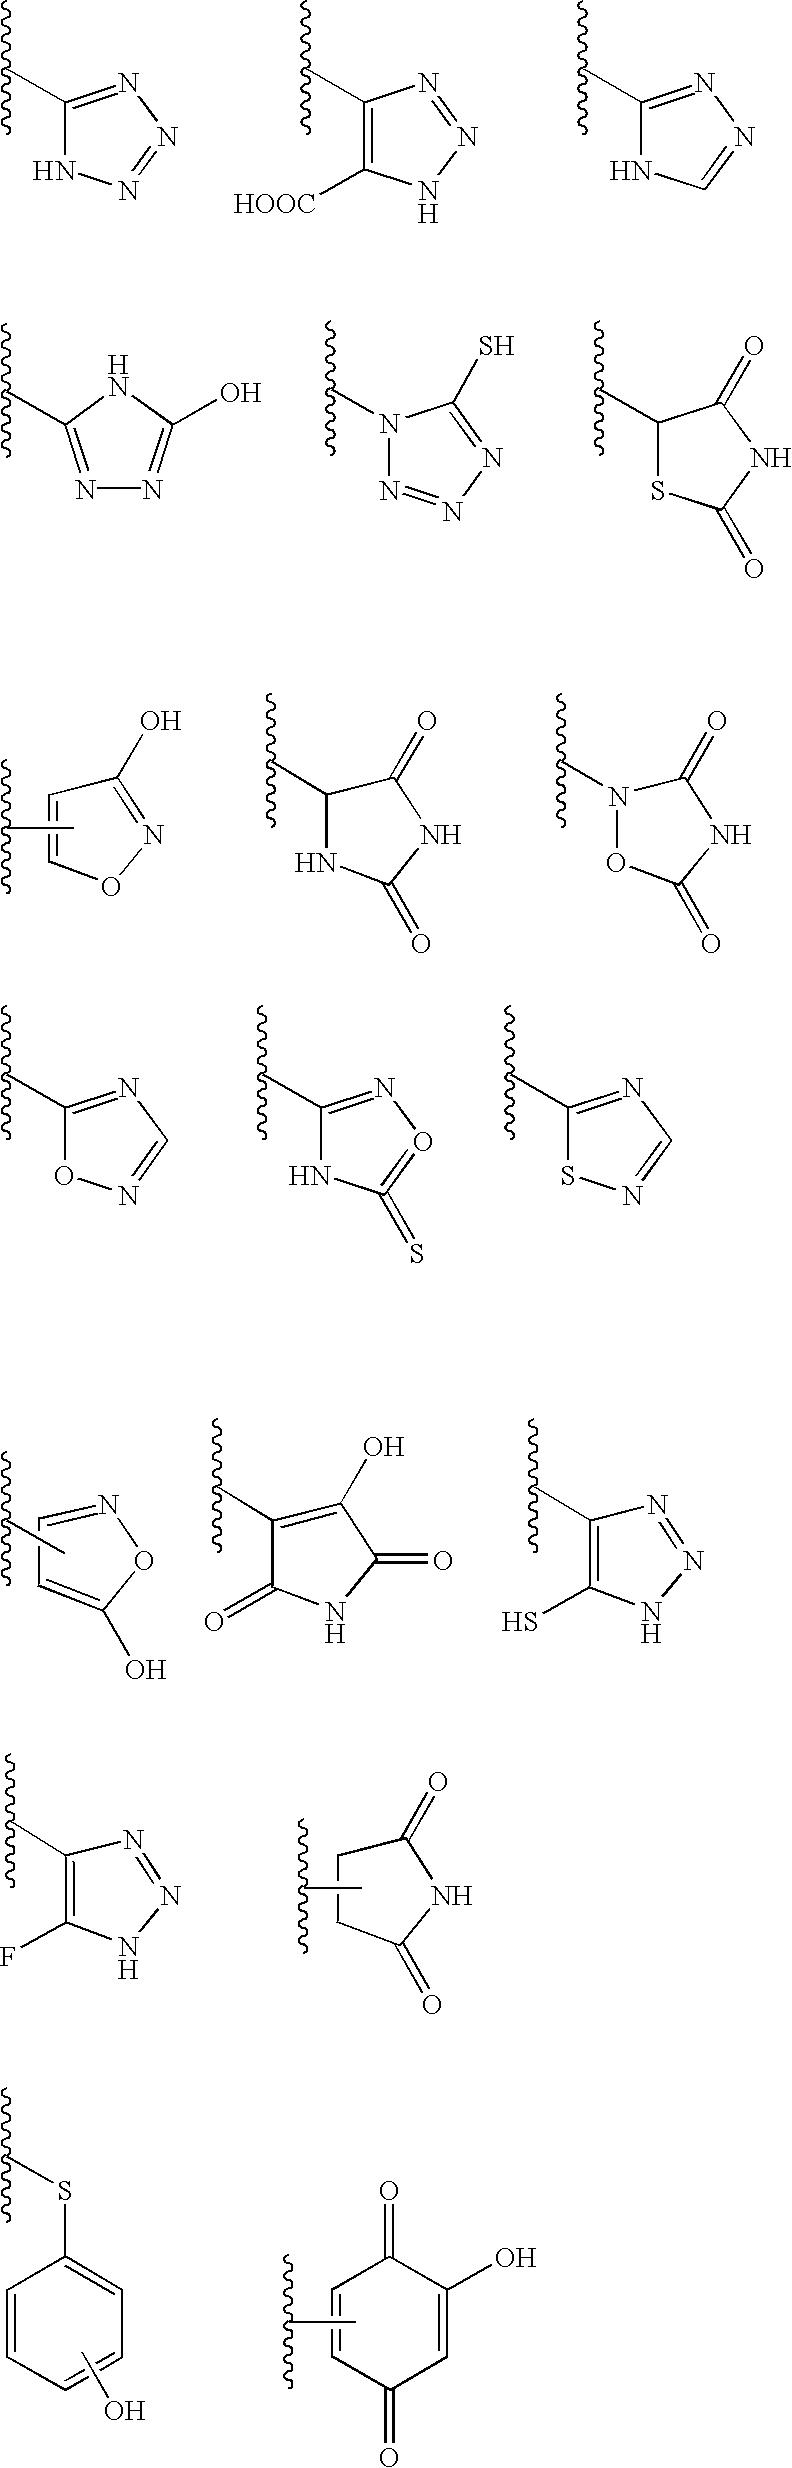 Figure US20030203890A1-20031030-C00255